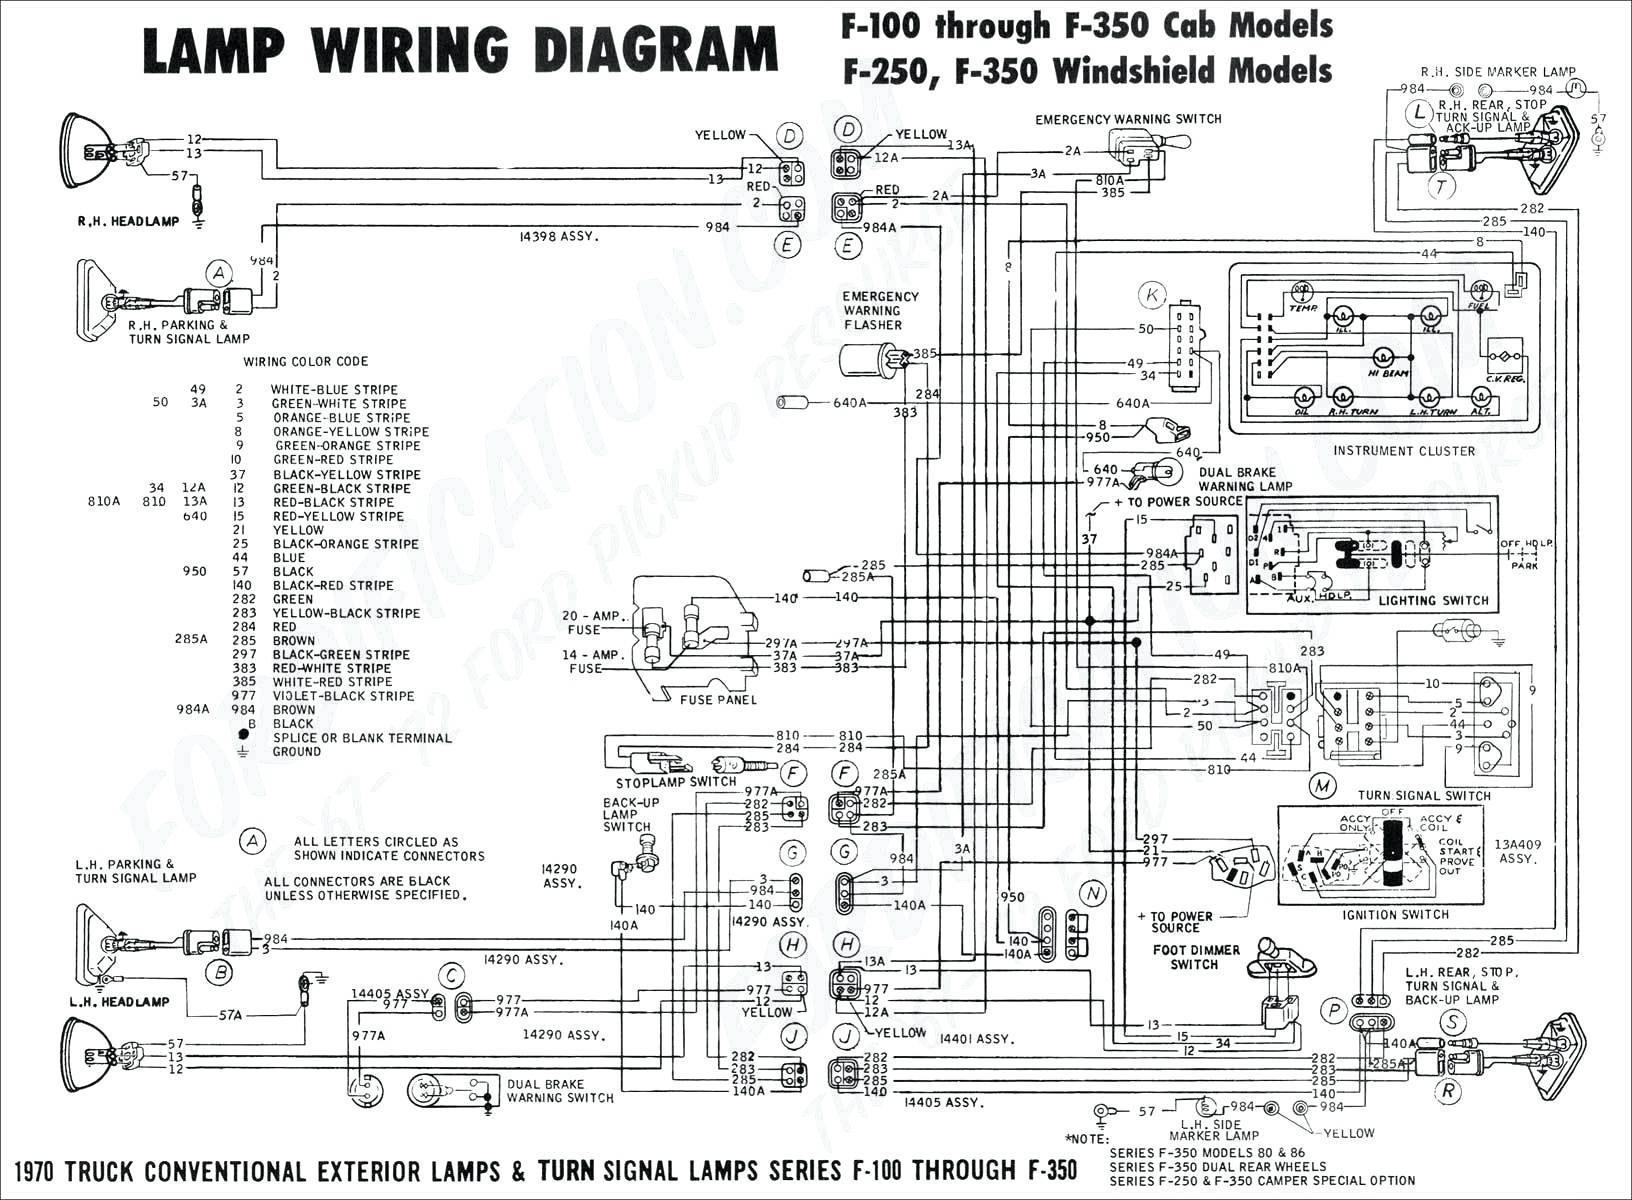 3 Way Circuit Diagram